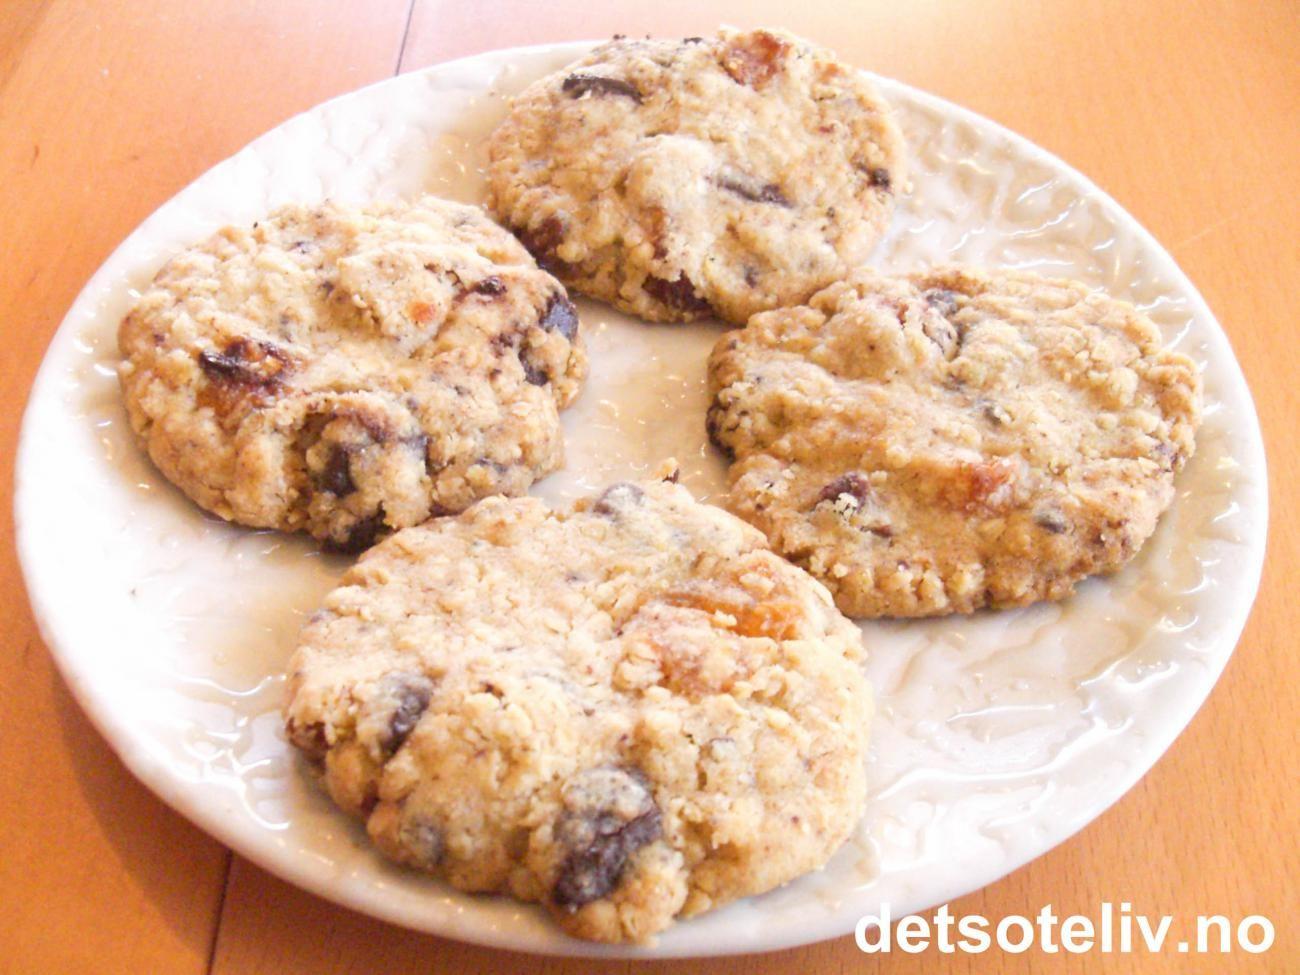 Disse superdeilige cookiesene inneholder både havregryn, hakket kokesjokolade og tørkede aprikoser, og er både mettende og dødsgode! Oppskriften gir 30 stk.